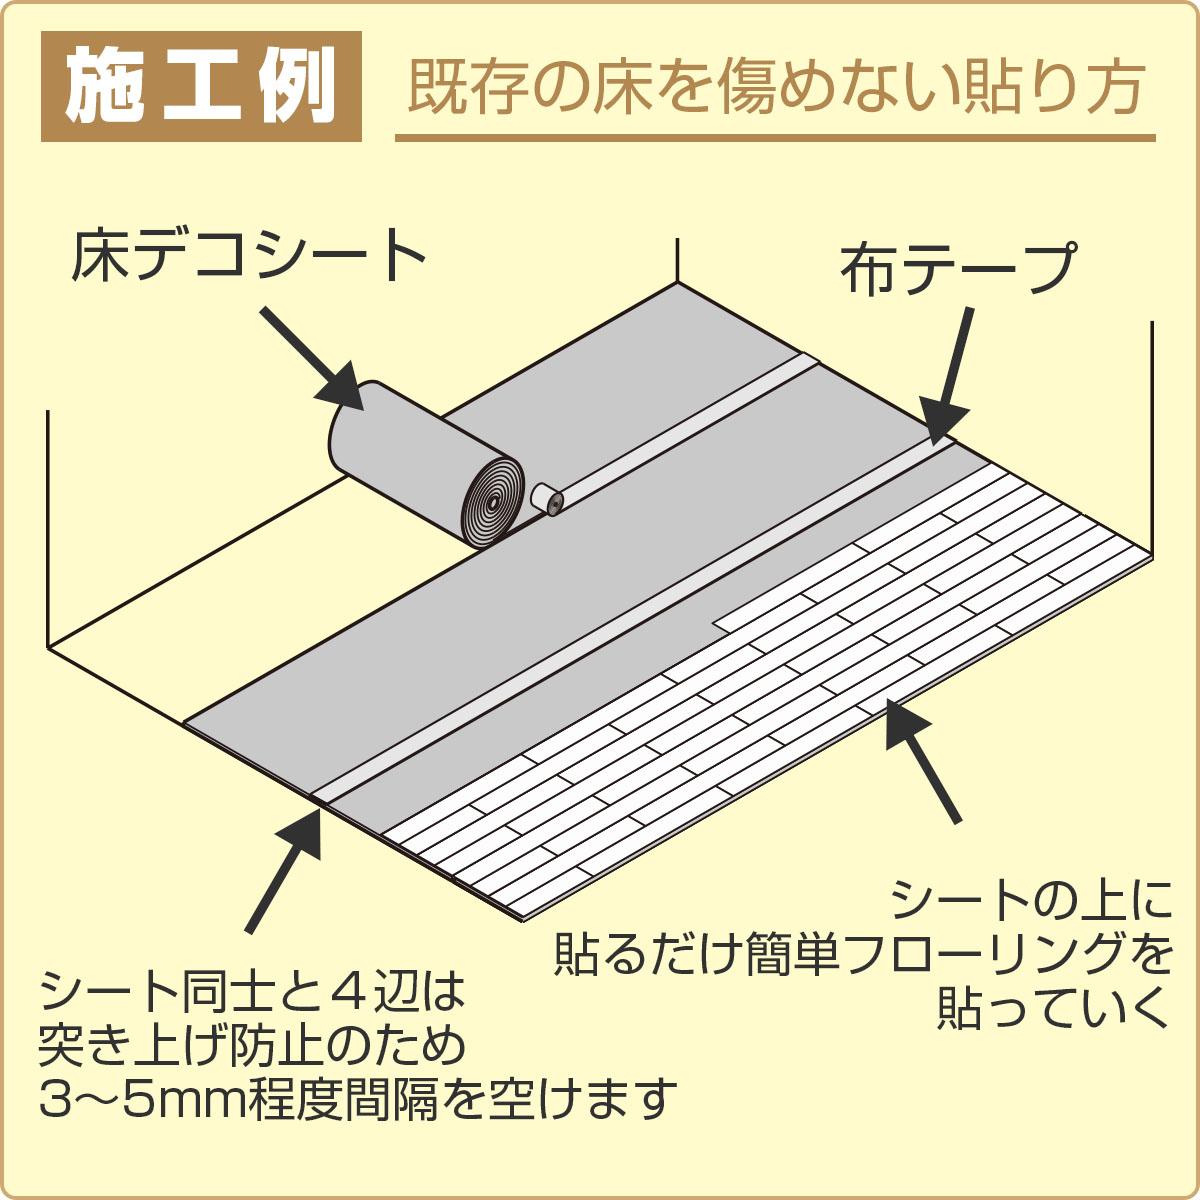 施工例 既存の床を傷めない貼り方